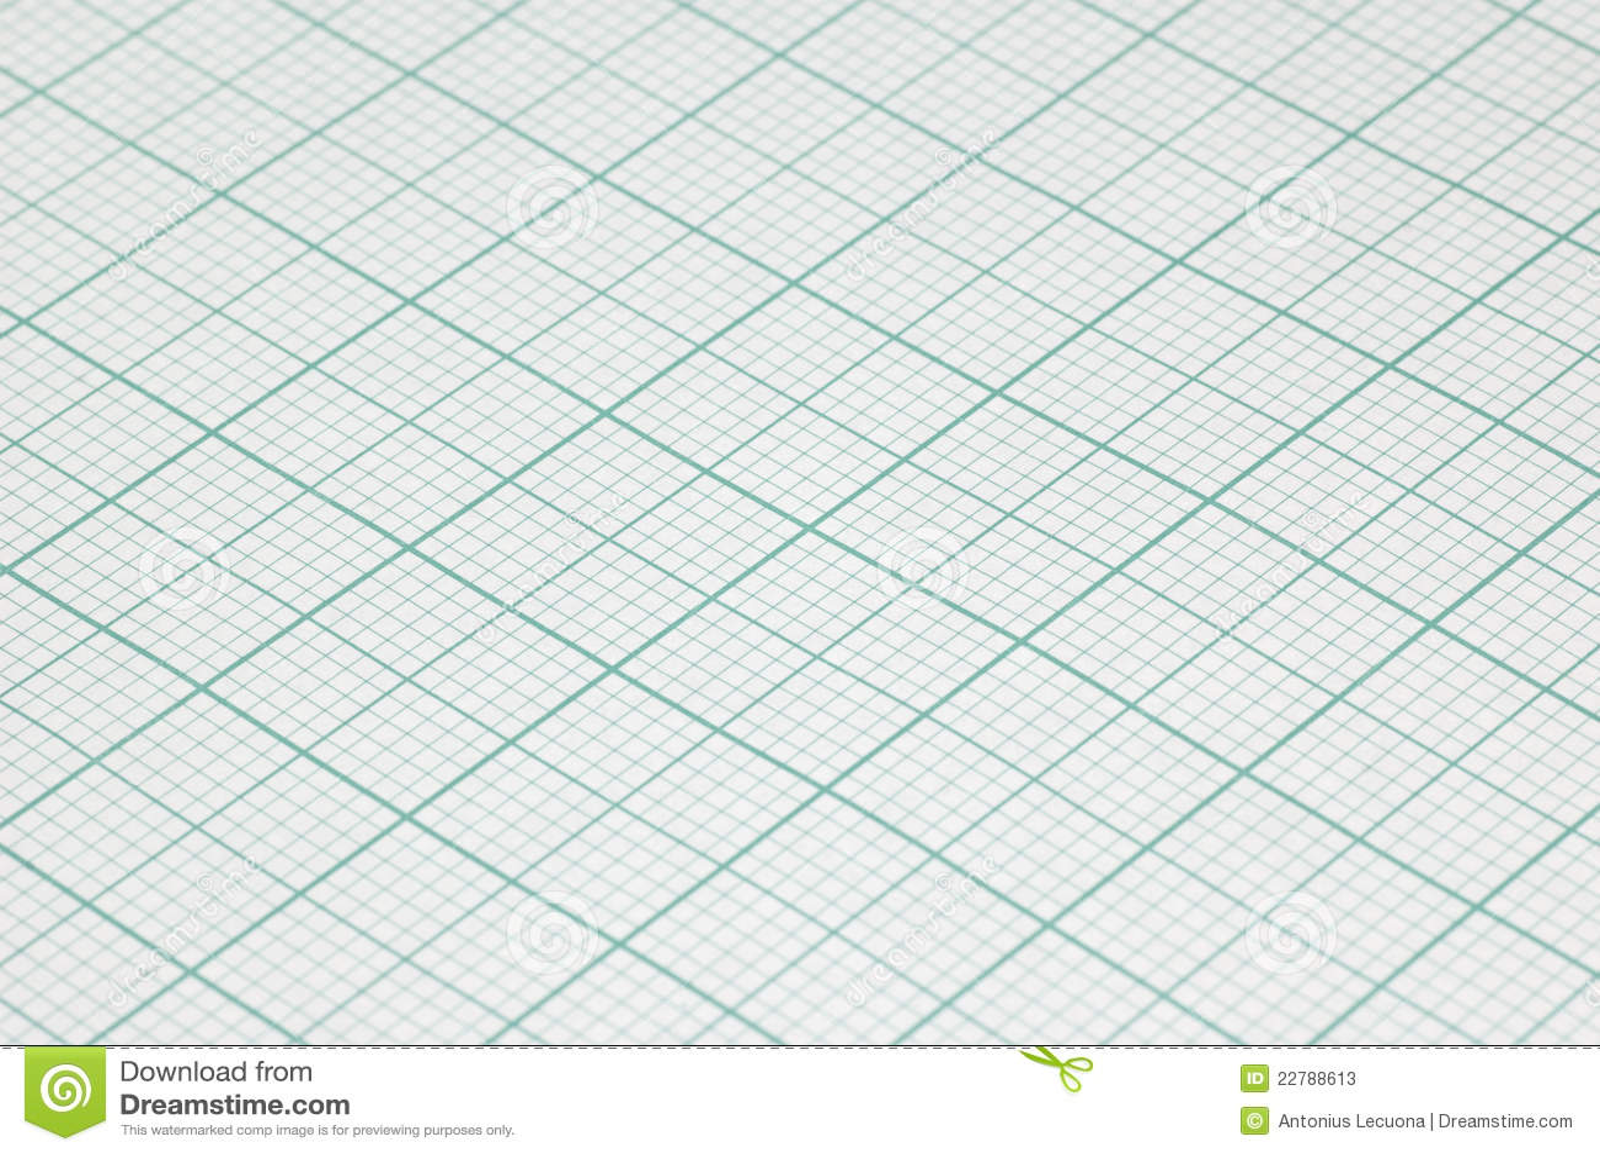 Large Sheet Graph Paper Stock Photos